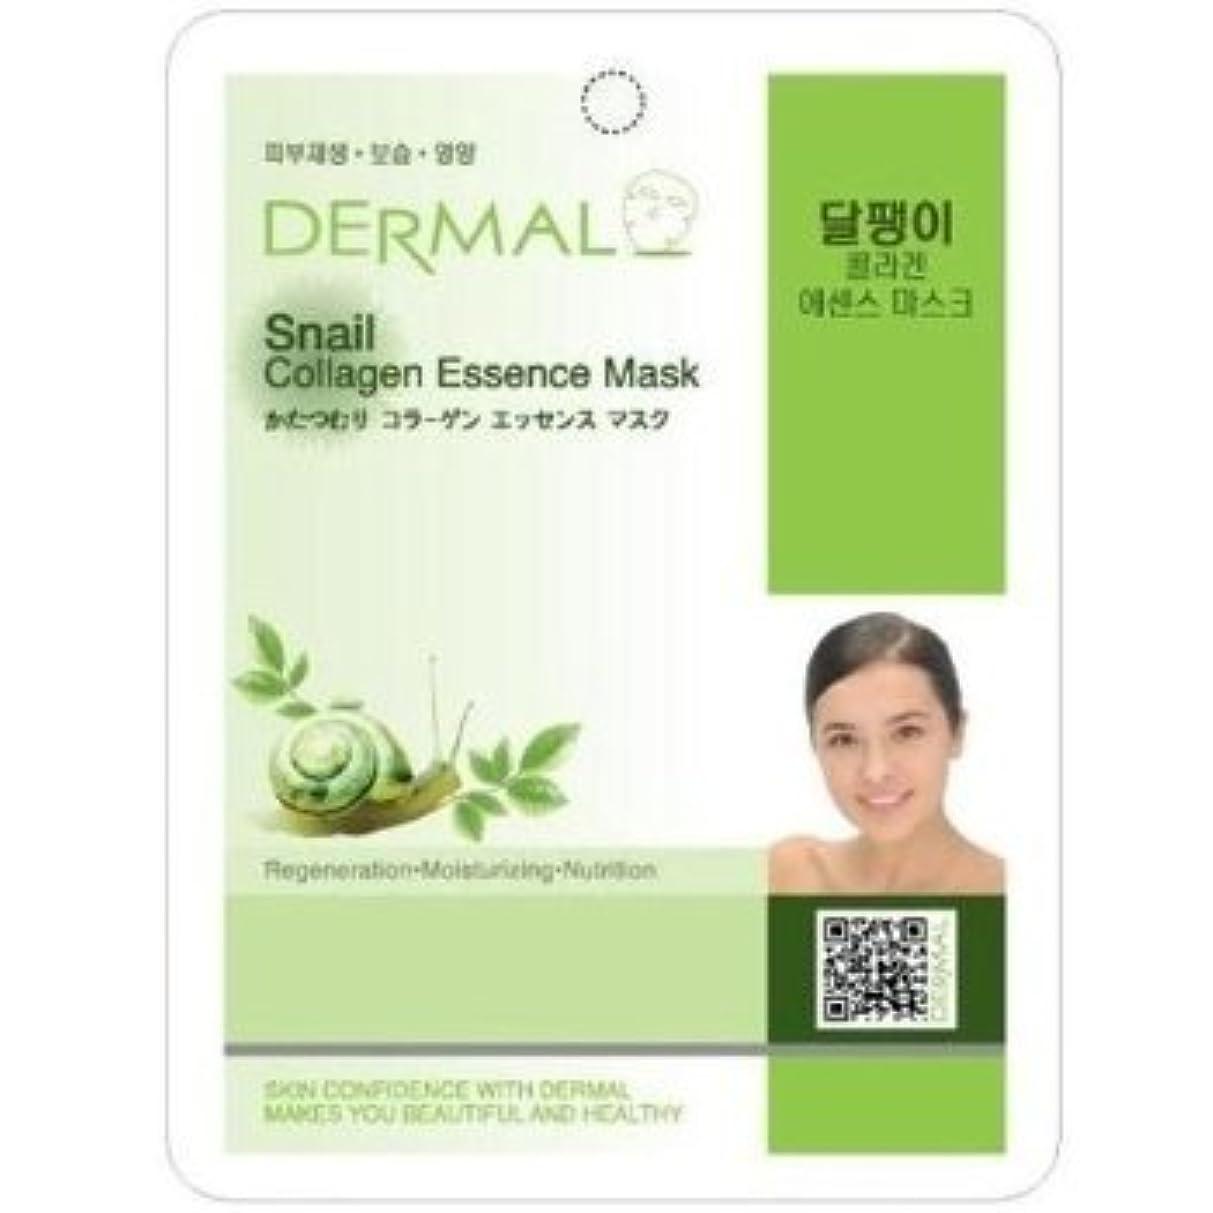 周波数所得ハチDermal Korea Collagen Essence Full Face Facial Mask Sheet - Snail (100 pcs, 1box)